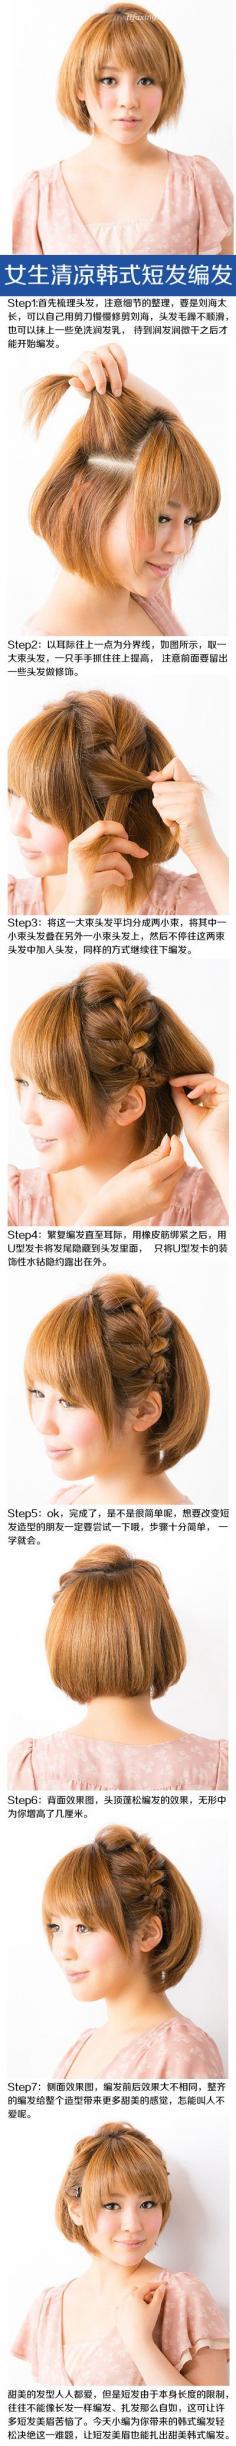 短发女生想要改变造型怎么办?短发女生怎样才能扎出好看的头发?